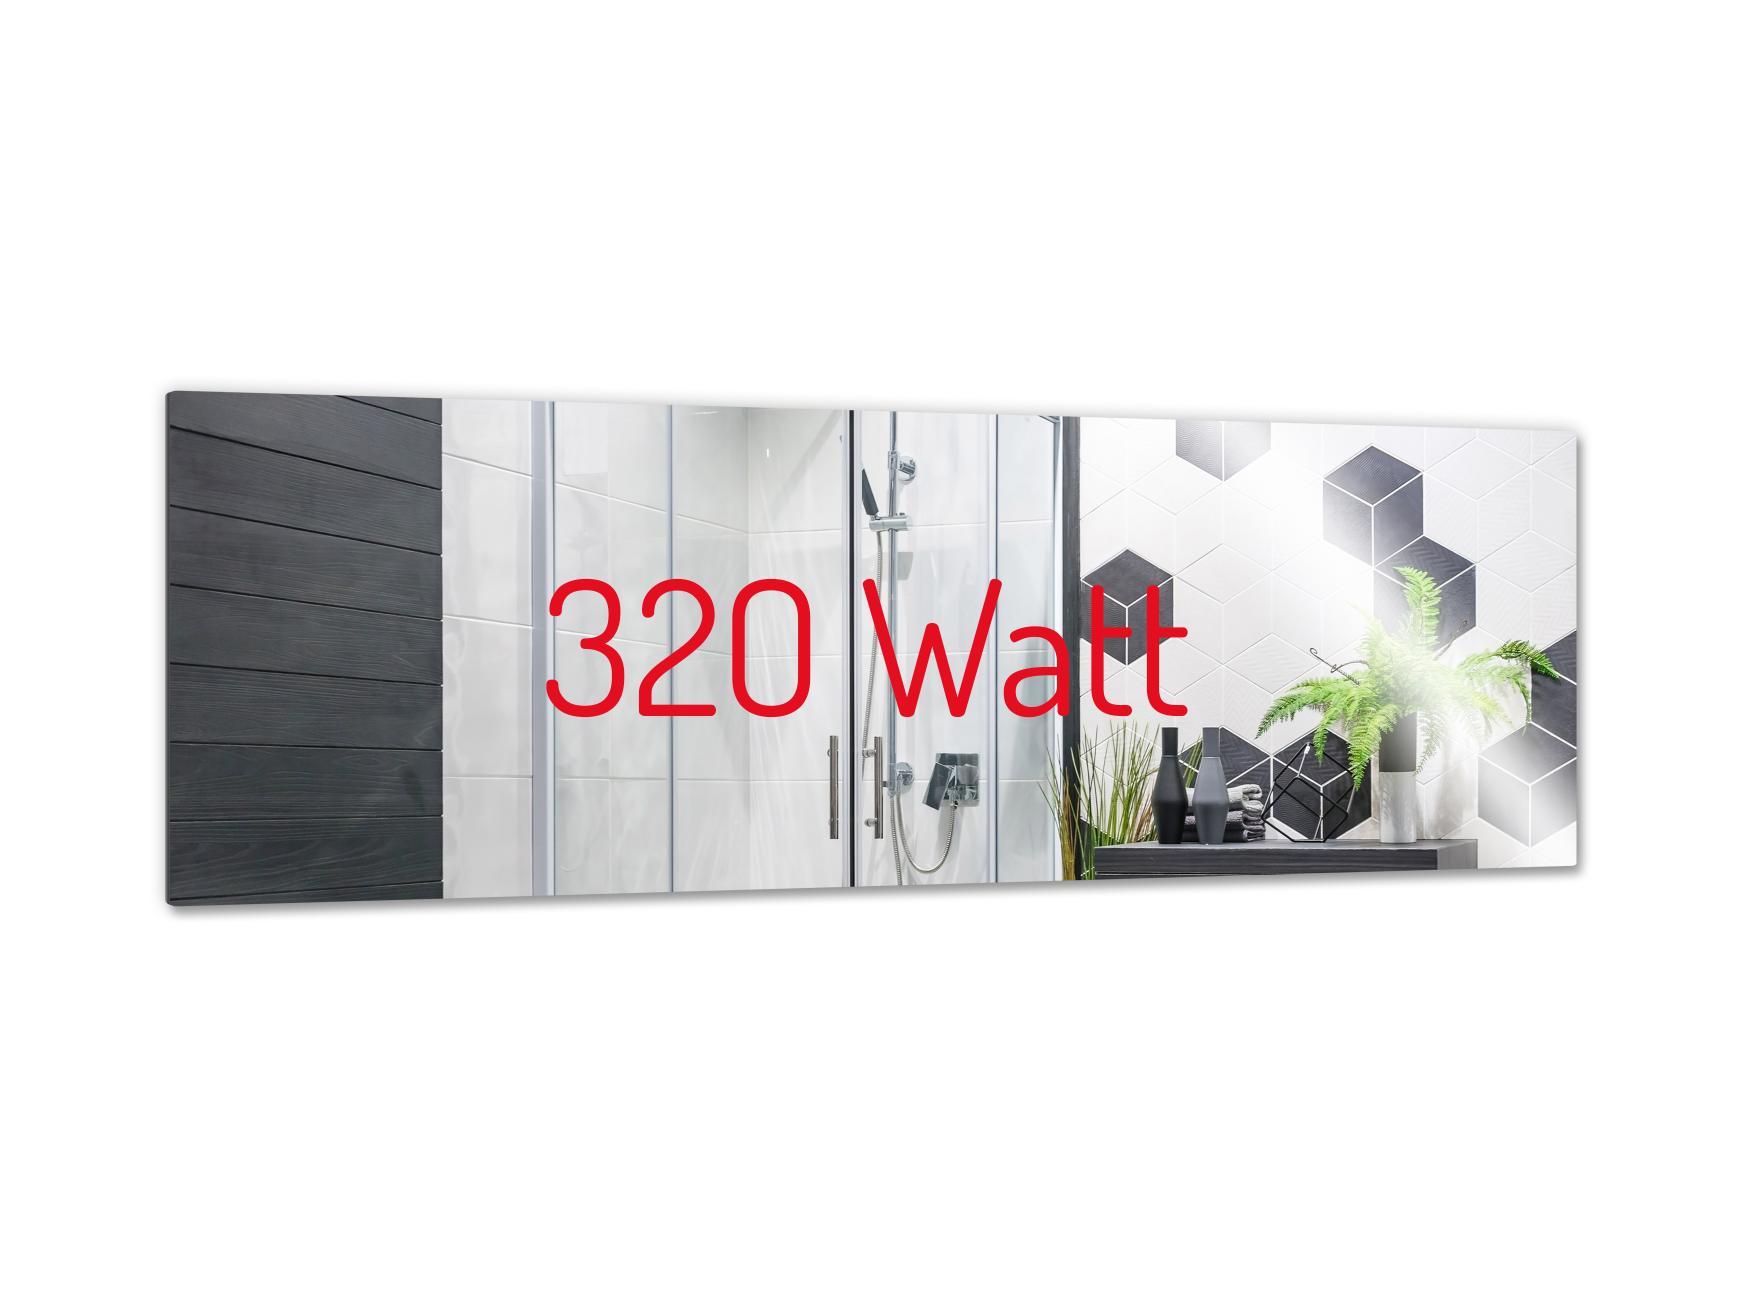 PowerSun Mirror rahmenlos 320 Watt